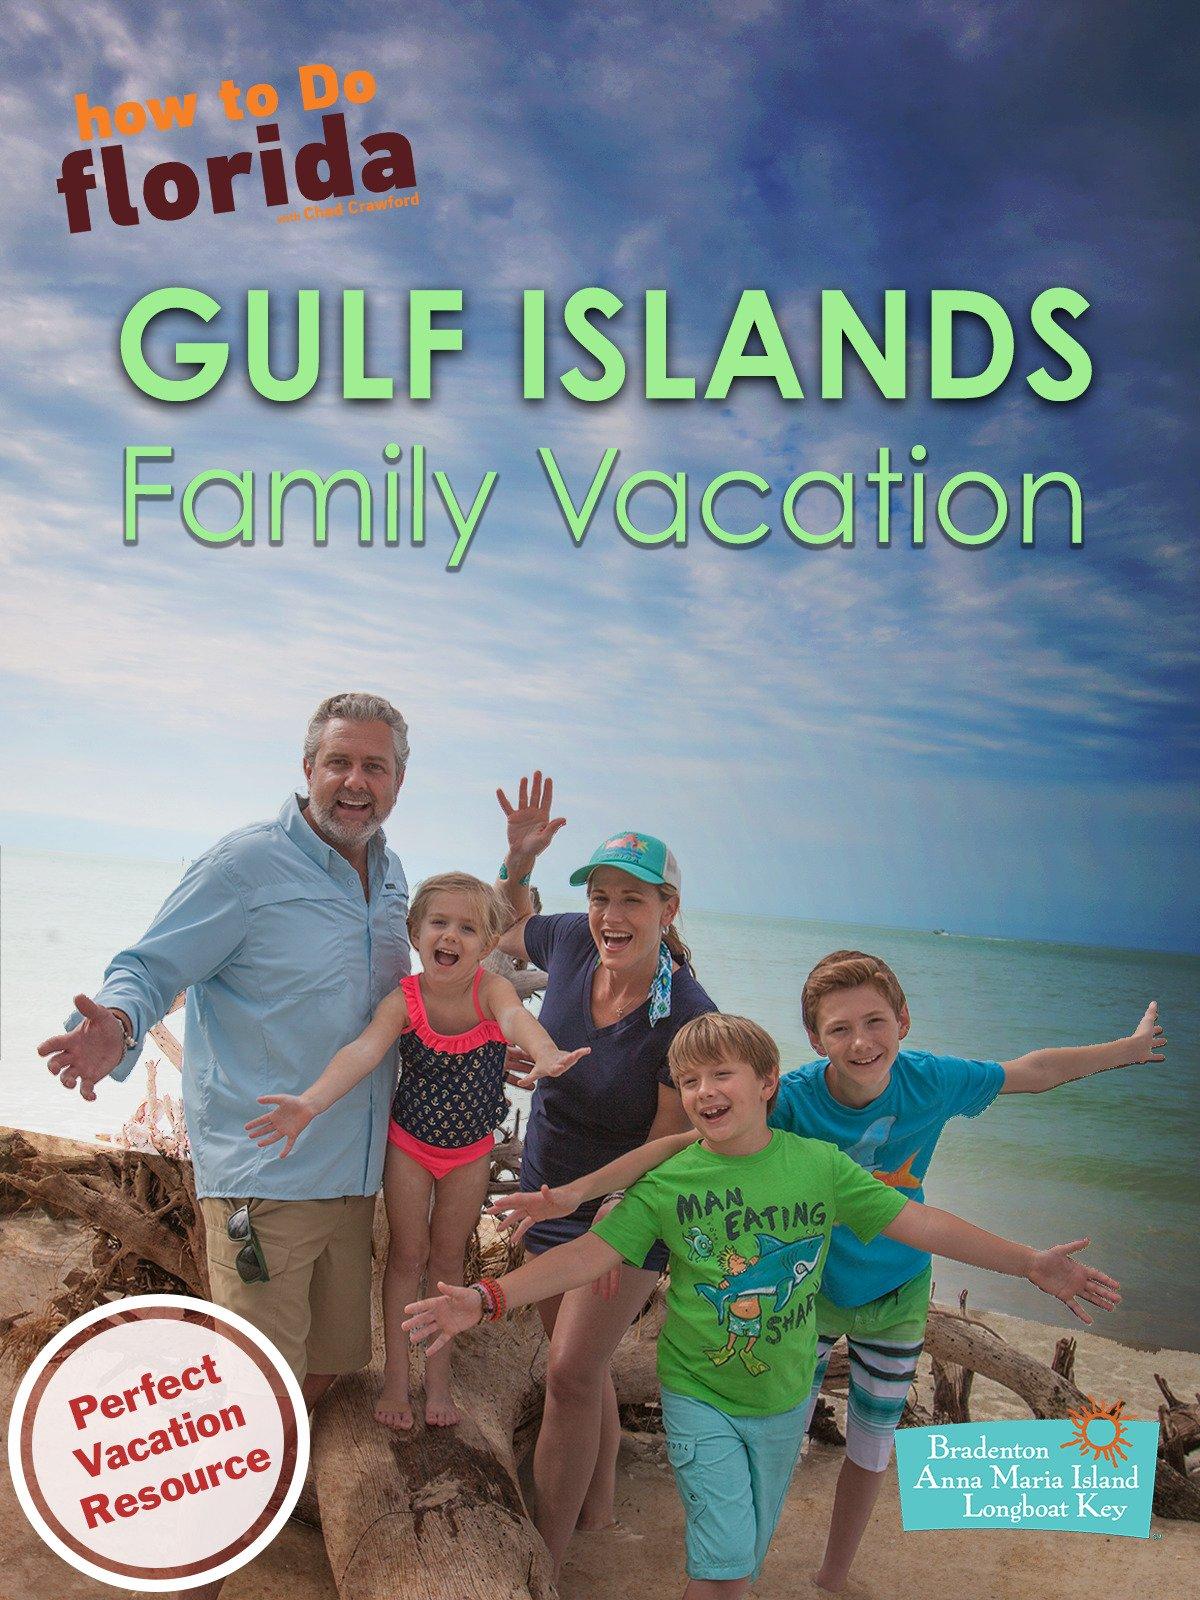 Anna Maria Island Family Vacation